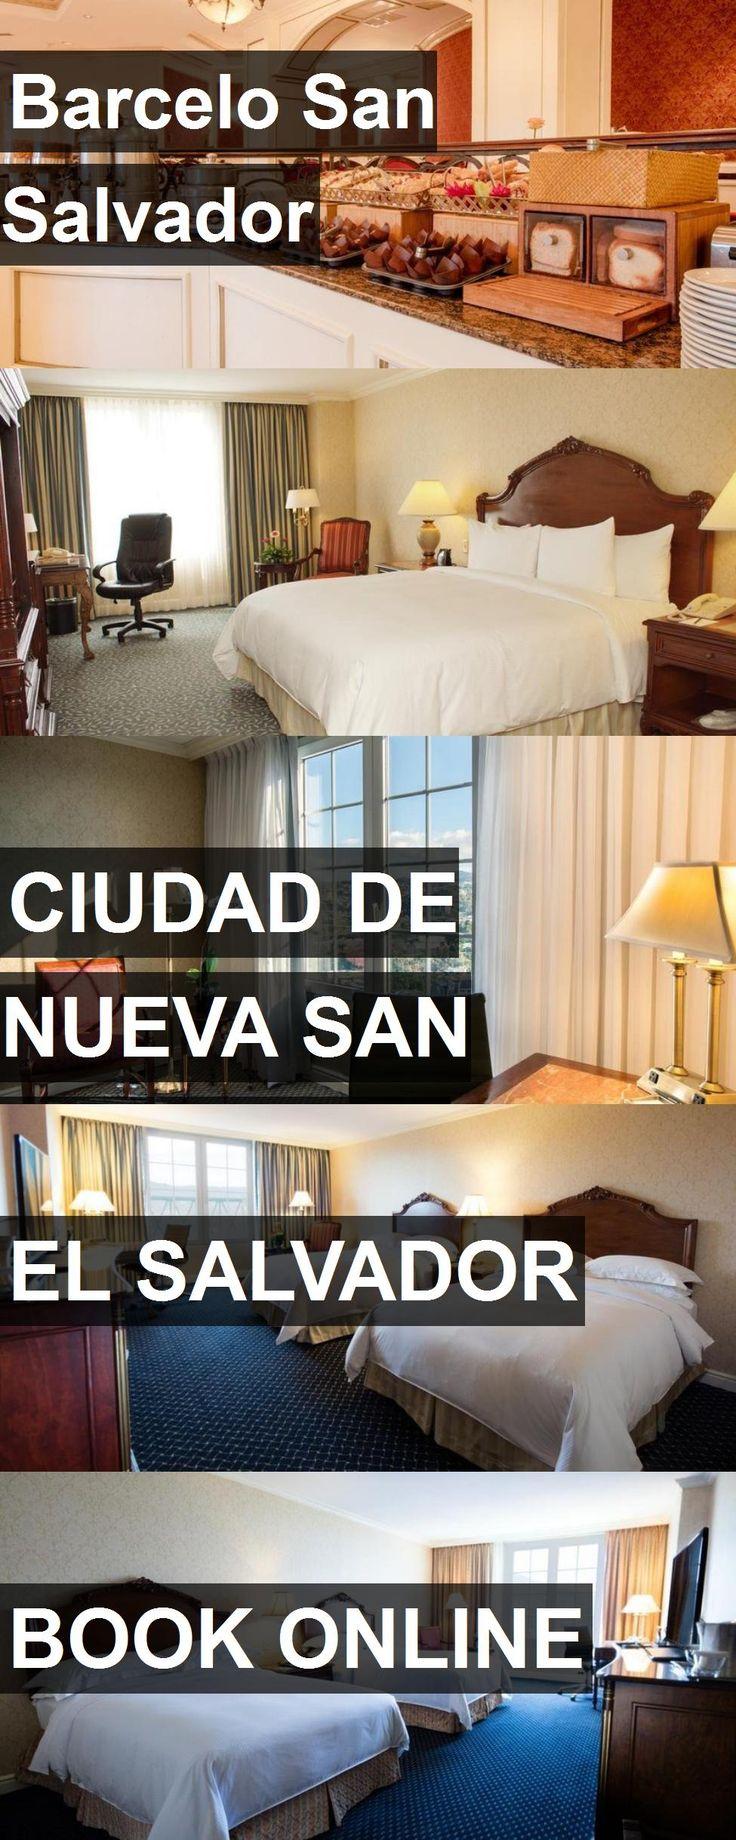 Hotel Barcelo San Salvador in Ciudad de Nueva San Salvador, El Salvador. For more information, photos, reviews and best prices please follow the link. #ElSalvador #CiudaddeNuevaSanSalvador #travel #vacation #hotel